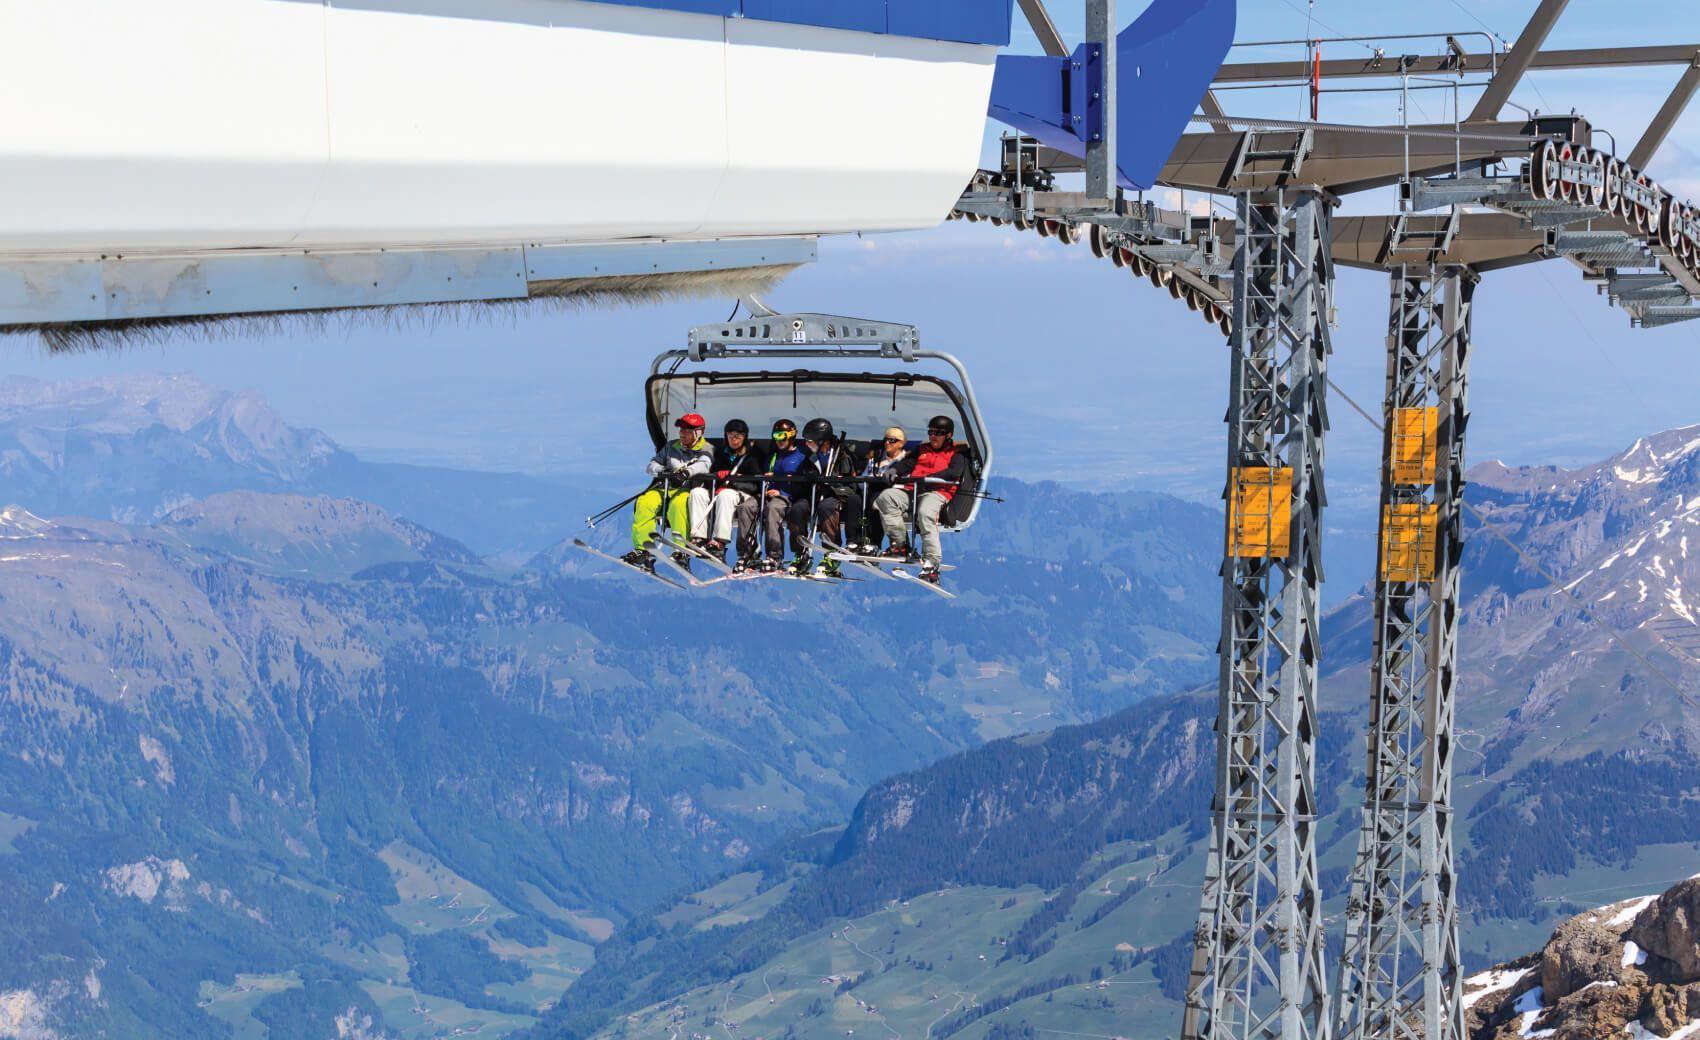 Mt Titlis, Switzerland